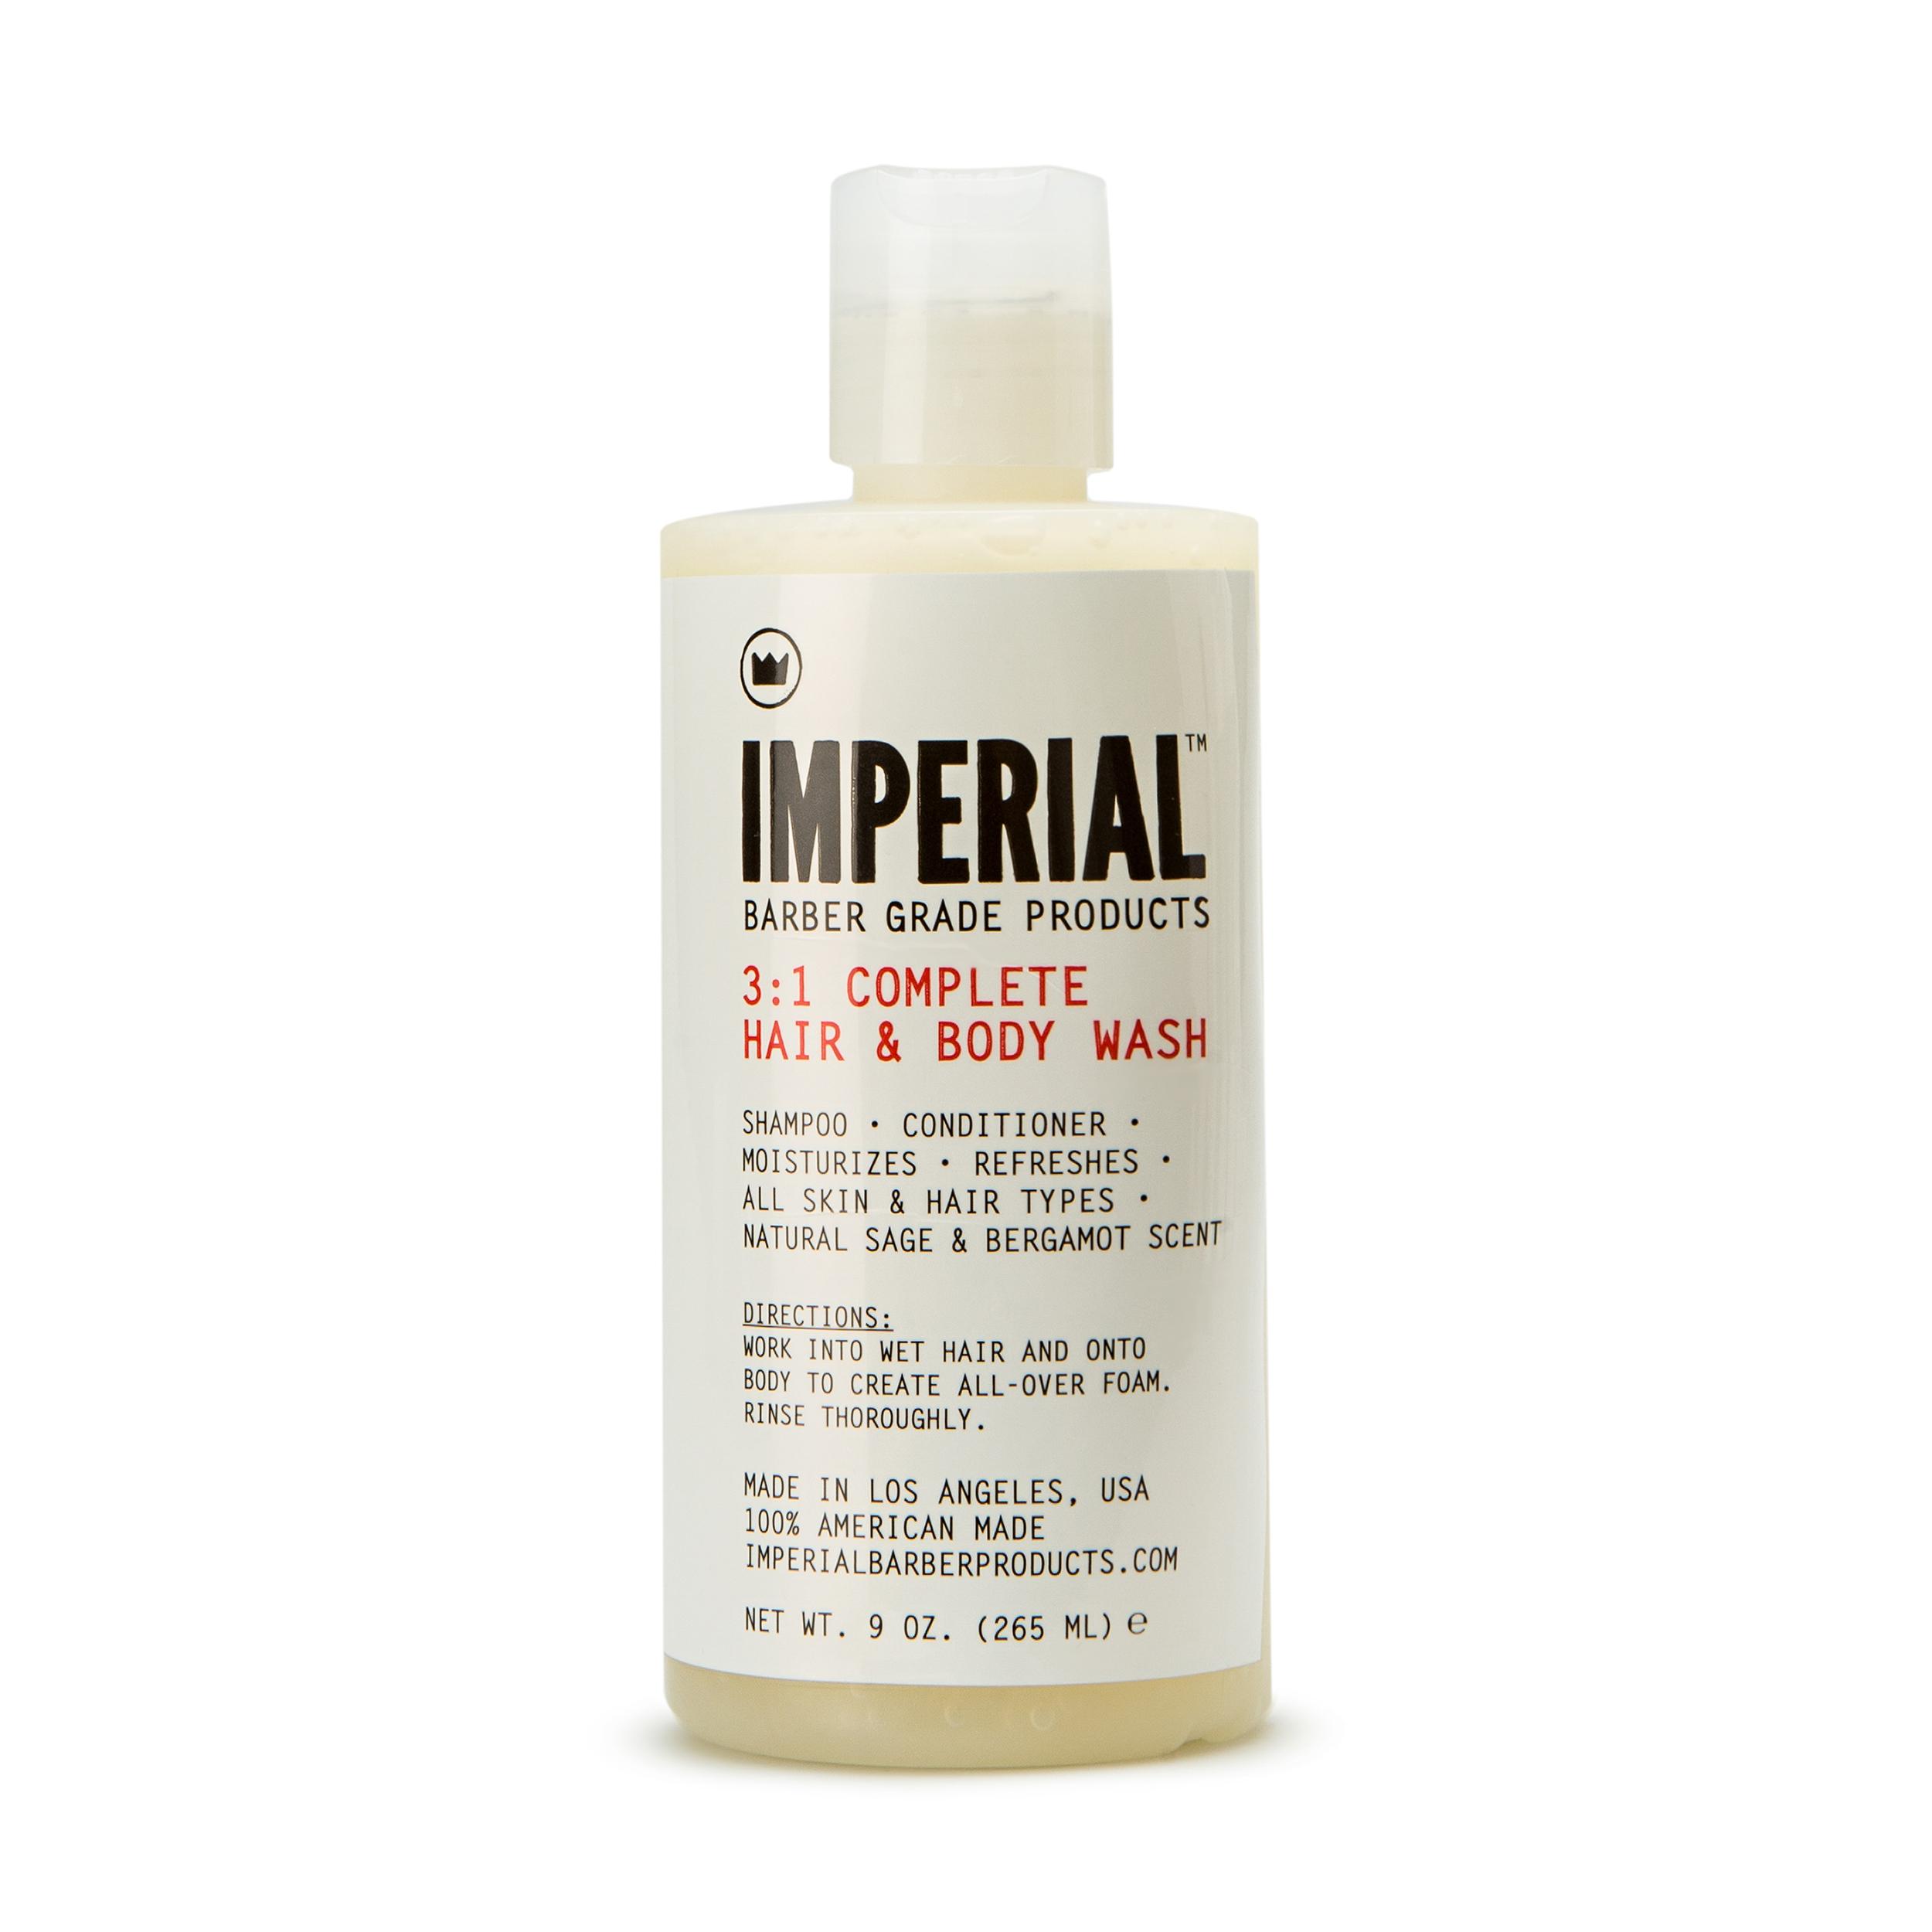 Imperial Barber Питательный шампунь и гель для душа 3 в 1 265 мл фото